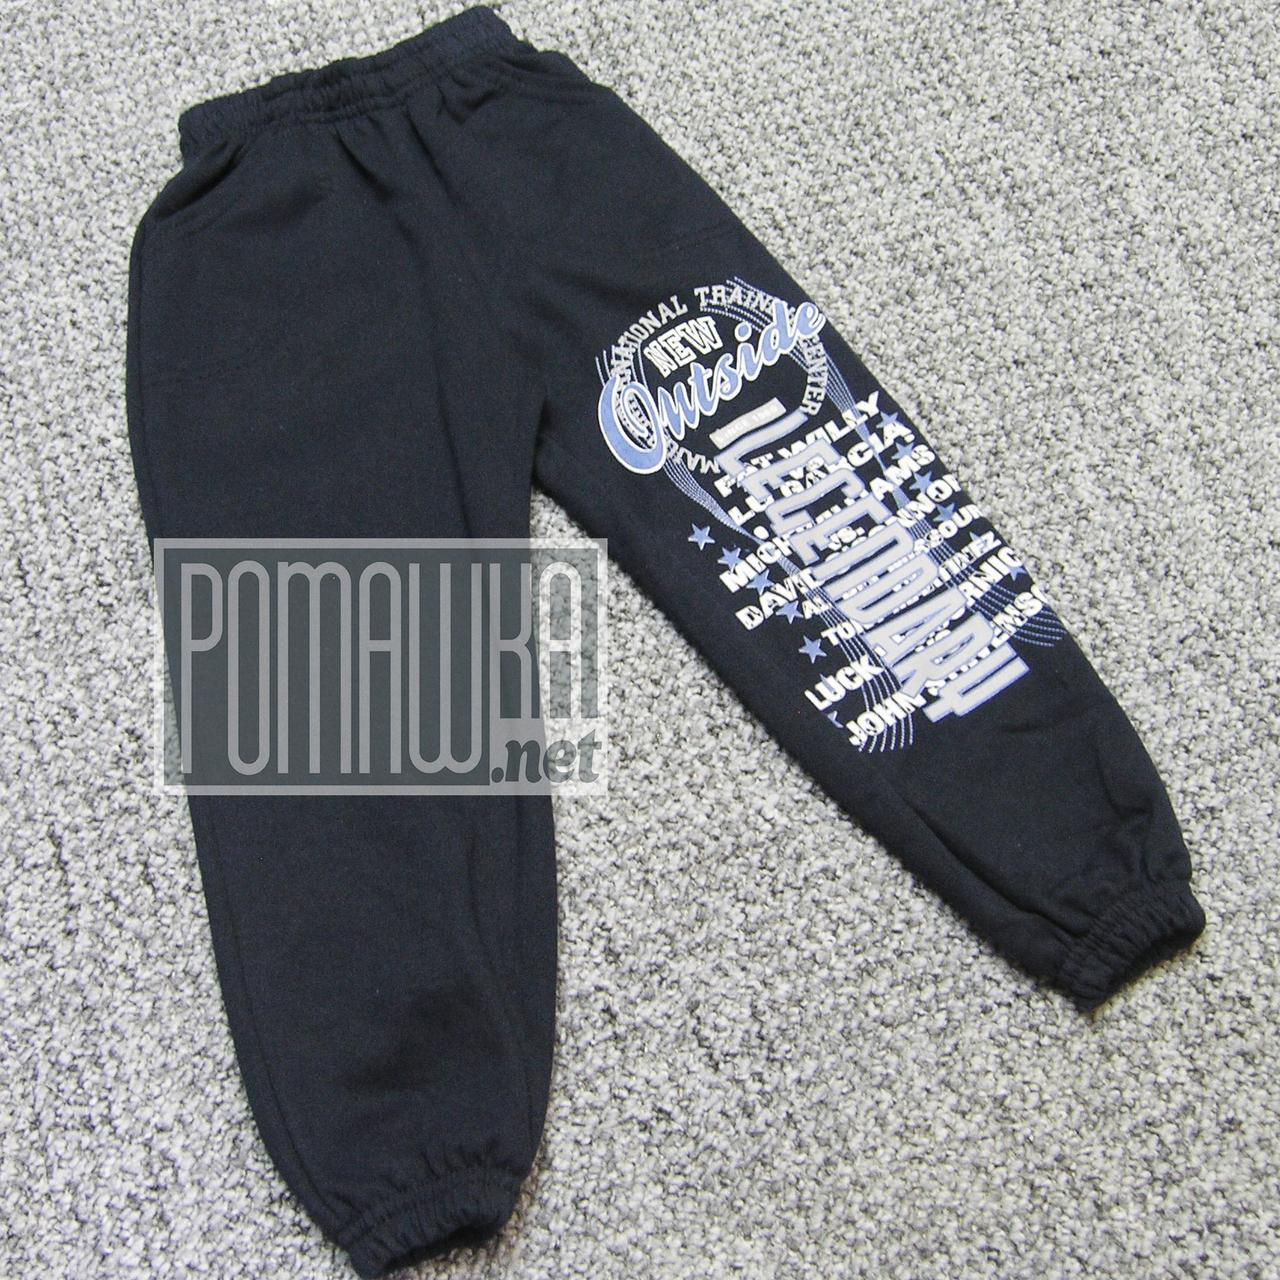 Тёплые начёс на флисе р 104 3 года детские трикотажные спортивные штаны брюки на мальчика ФУТЕР 4881 Синий